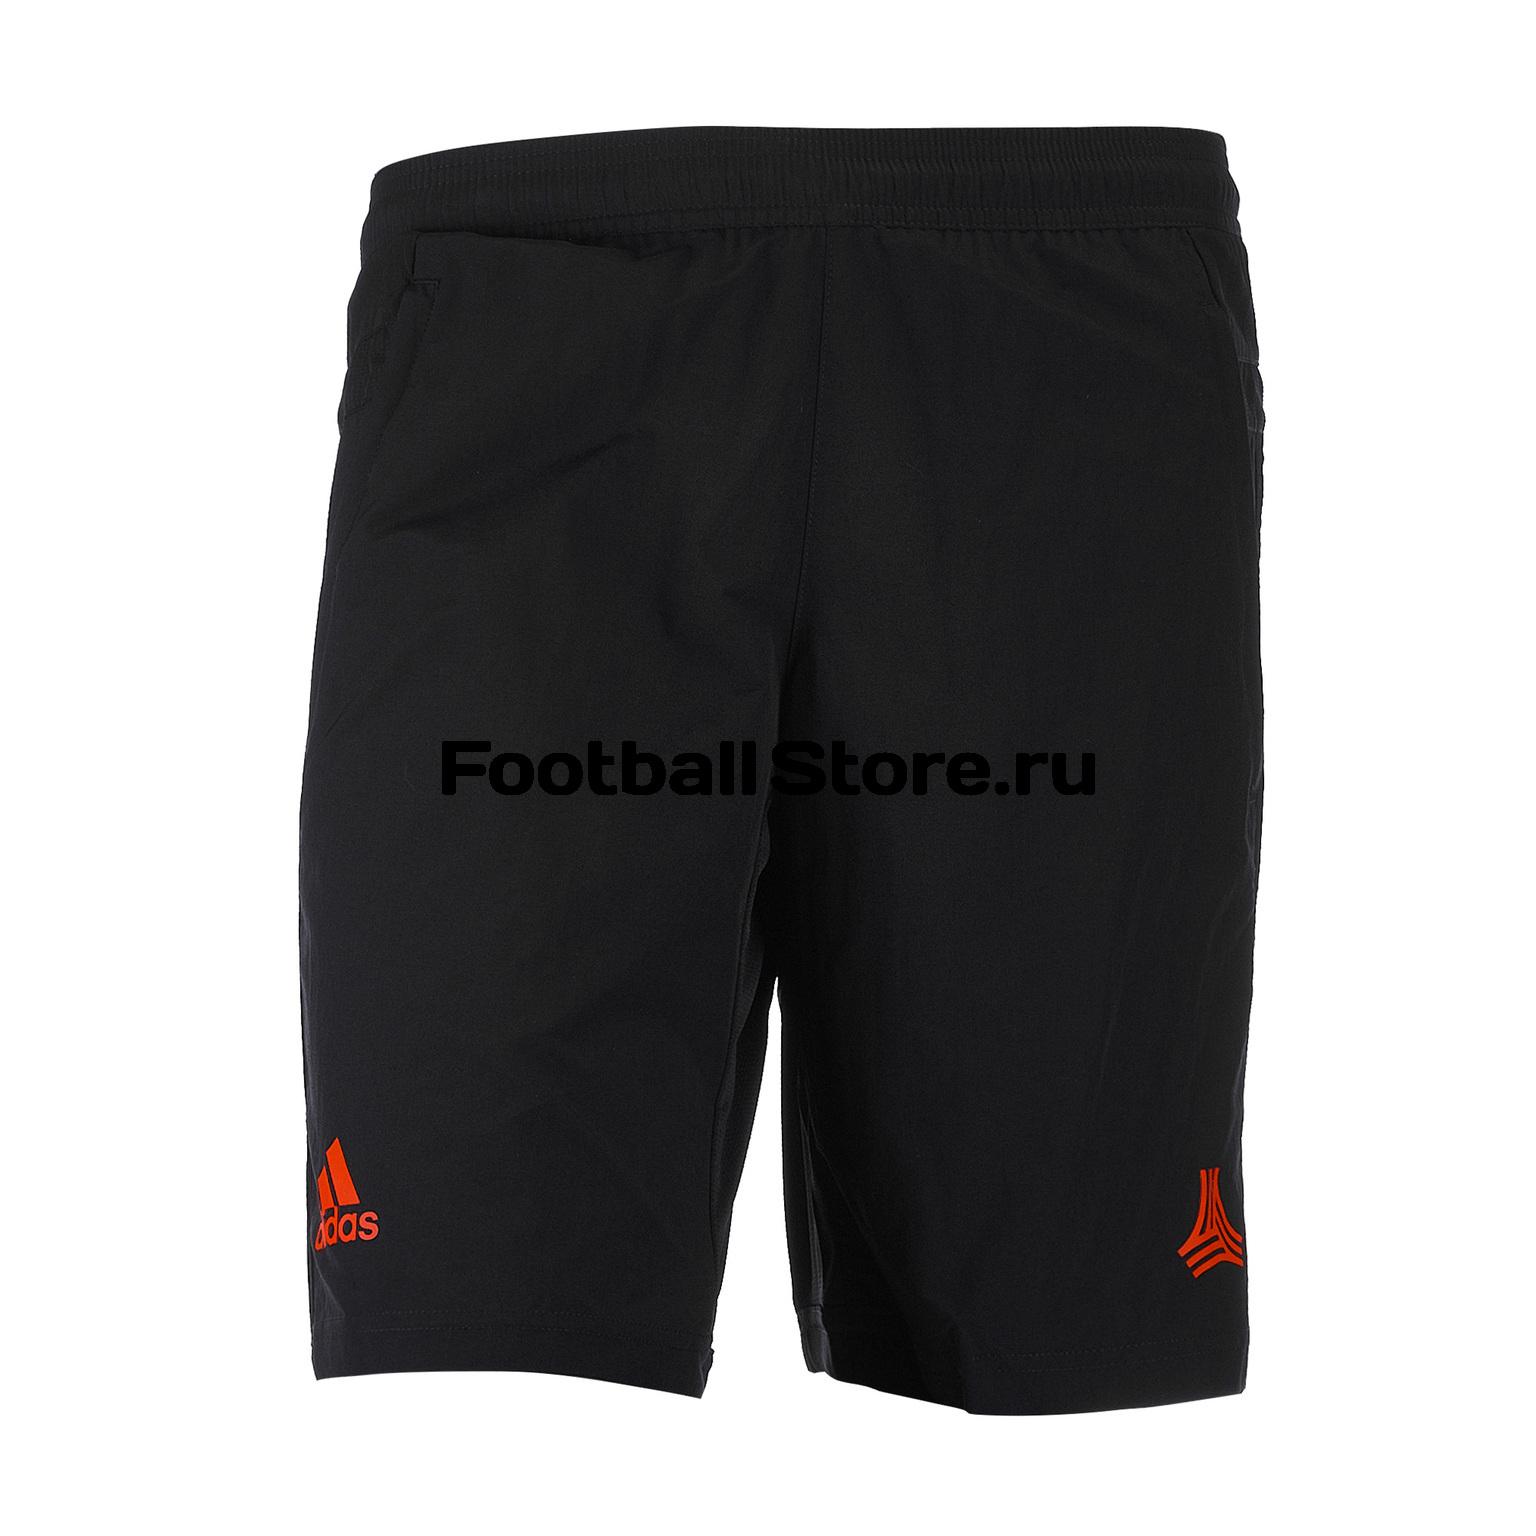 Шорты Adidas Tan Wov Sho DP2707 шорты для мальчика adidas tiro17 wov shoy цвет черный ay2892 размер 128